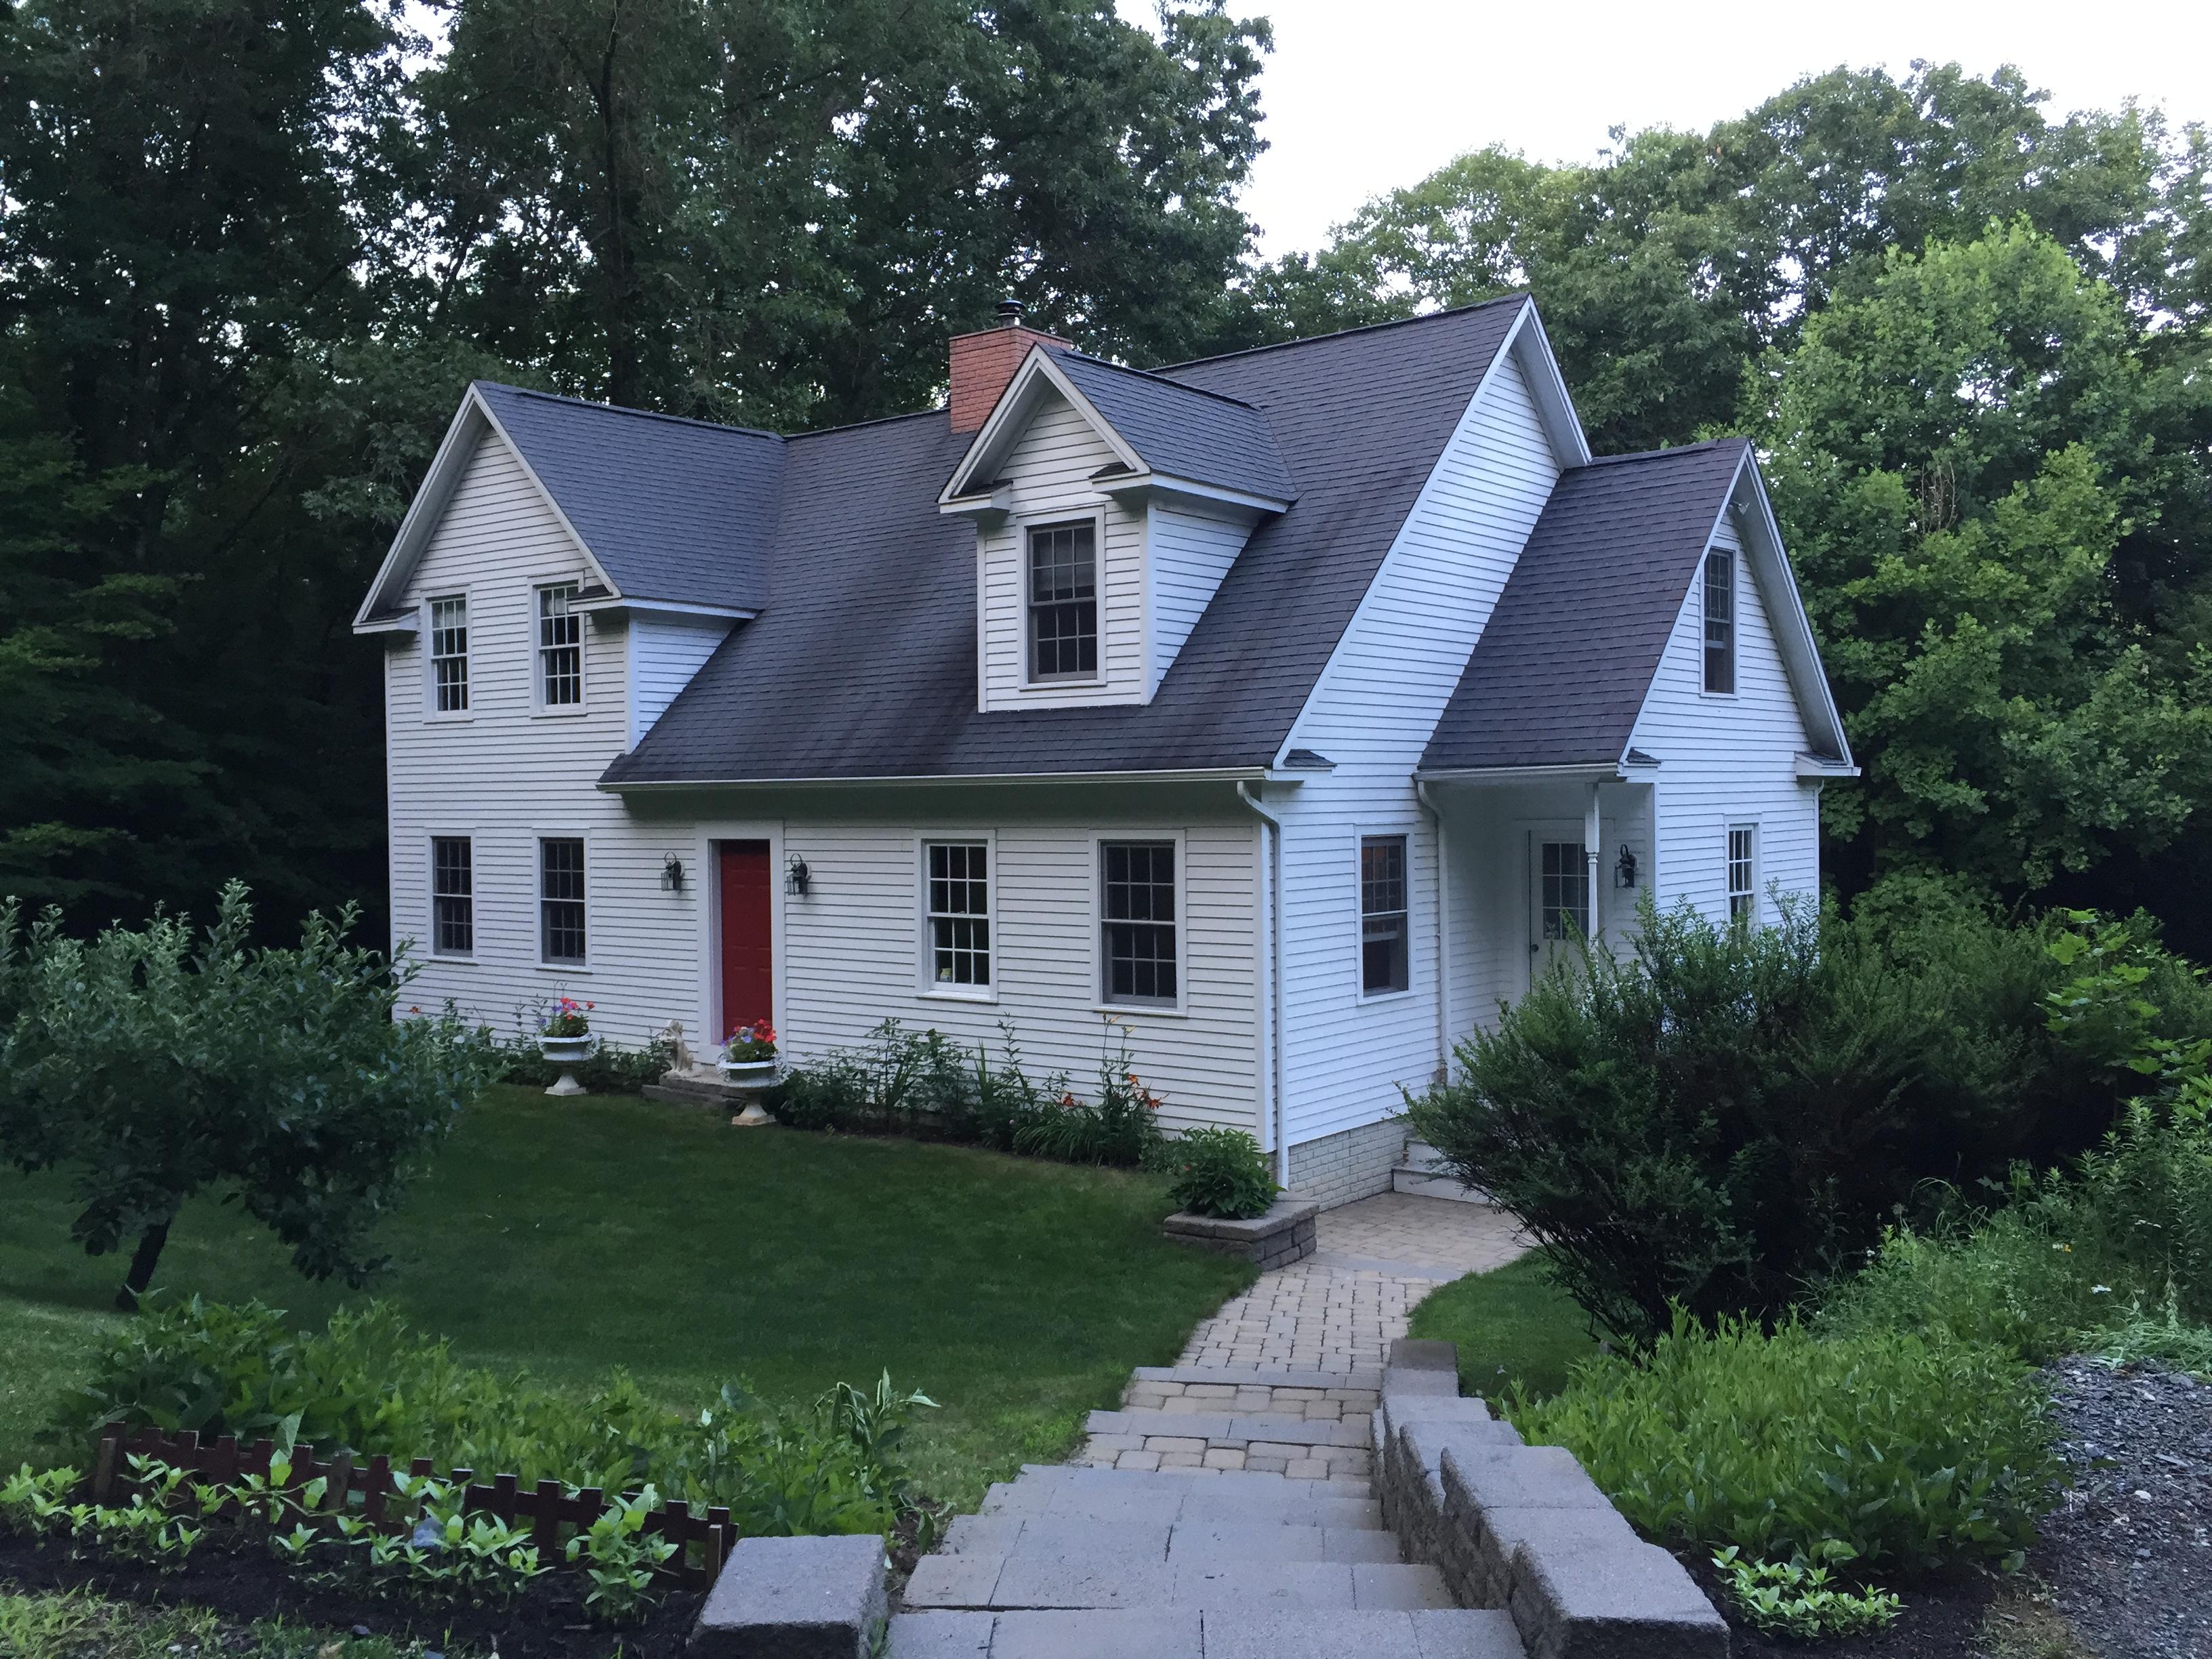 Casa Unifamiliar por un Venta en Pristine Country Cape 5 Taryn Lane New Milford, Connecticut 06776 Estados Unidos